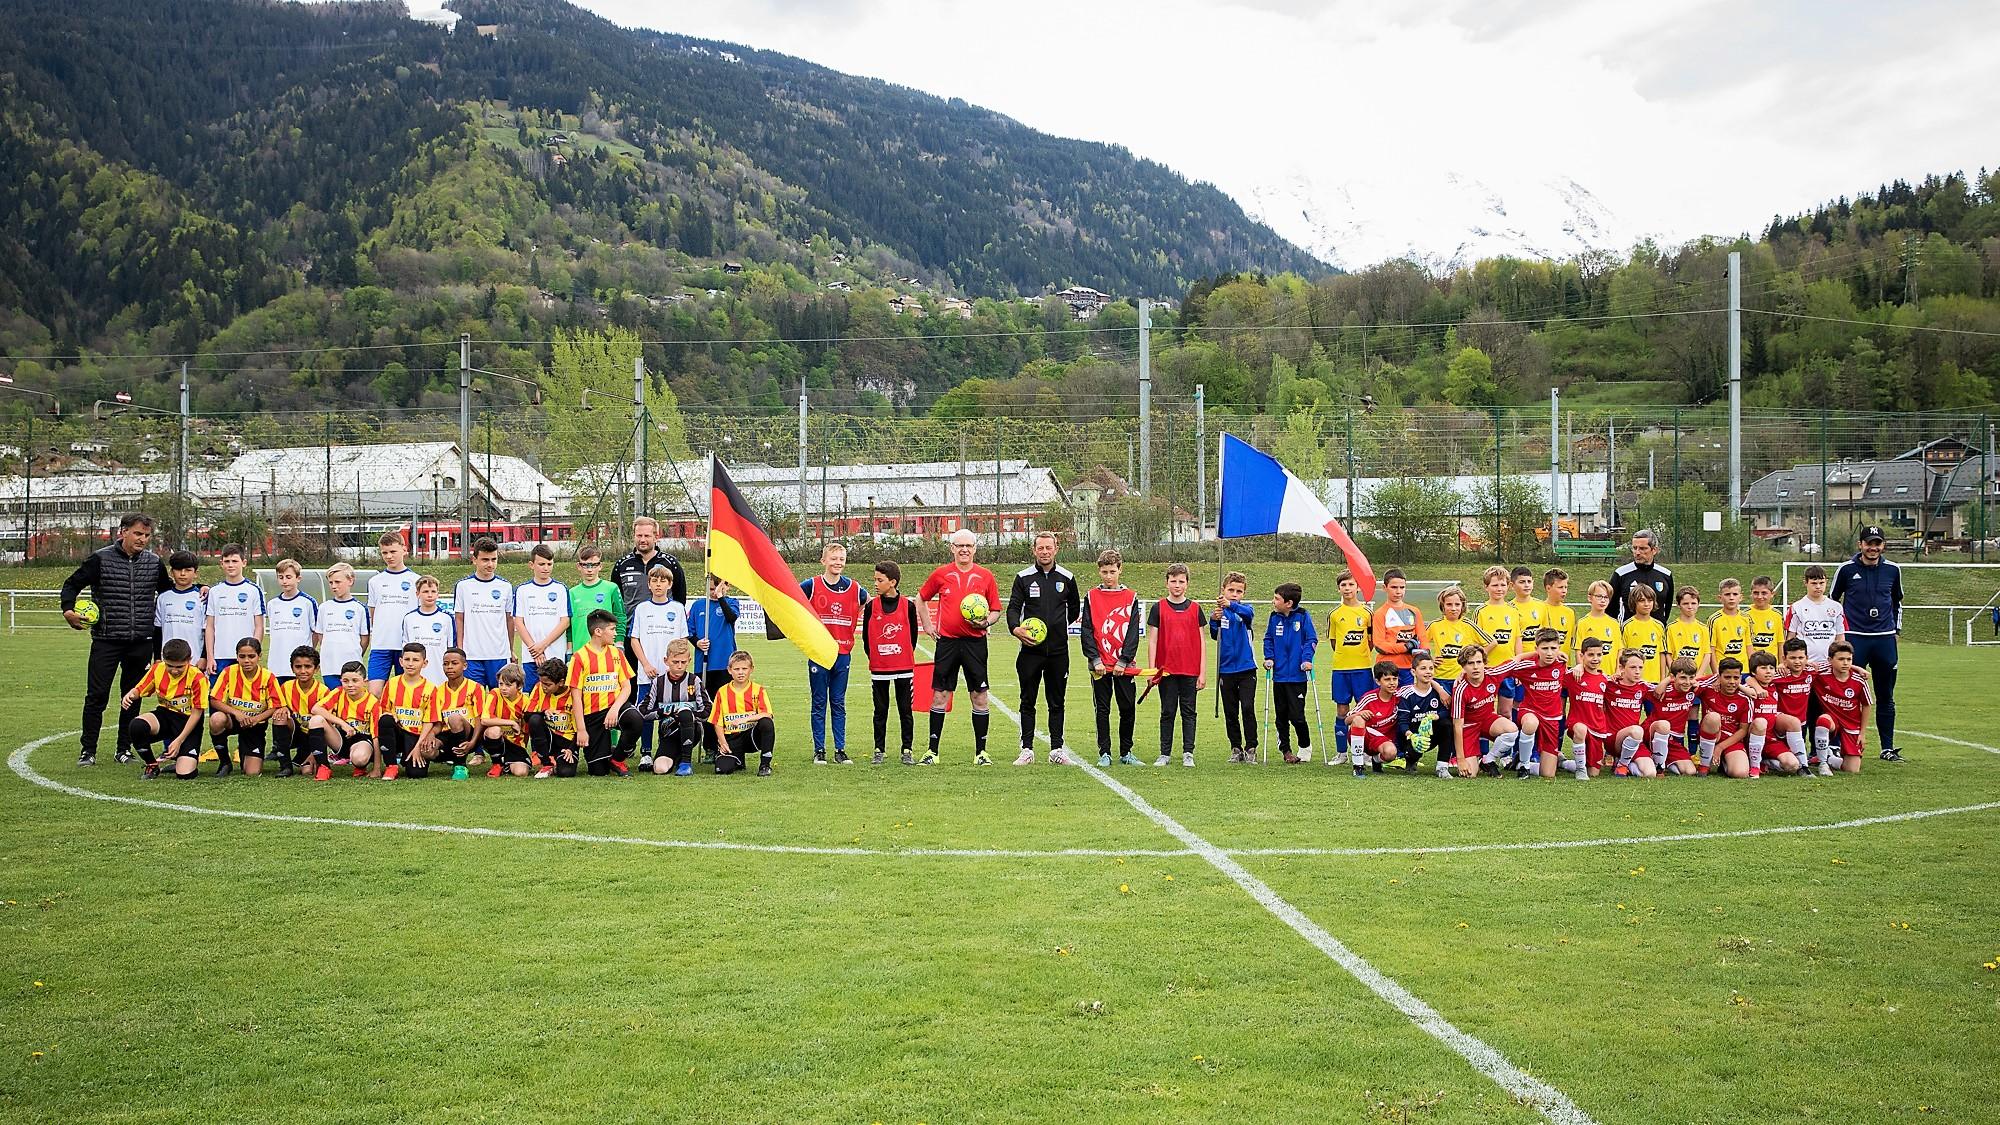 Die Jugendfußballer des TSV Reichenbach (in den weißen Trikots) gemeinsam mit befreundeten Mannschaften beim Freundschaftsturnier in St.Gervais.